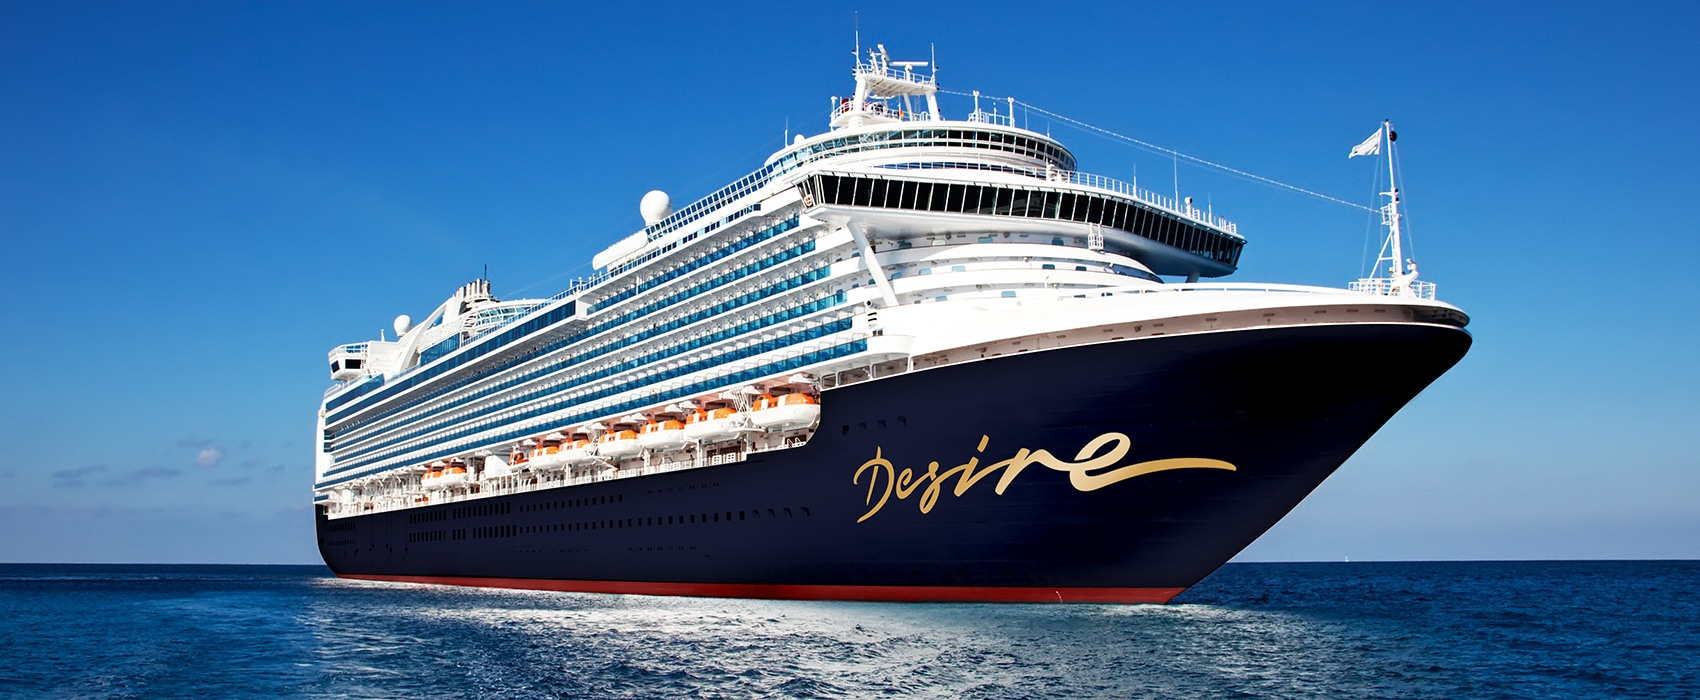 Desire Barcelona Rome Cruise